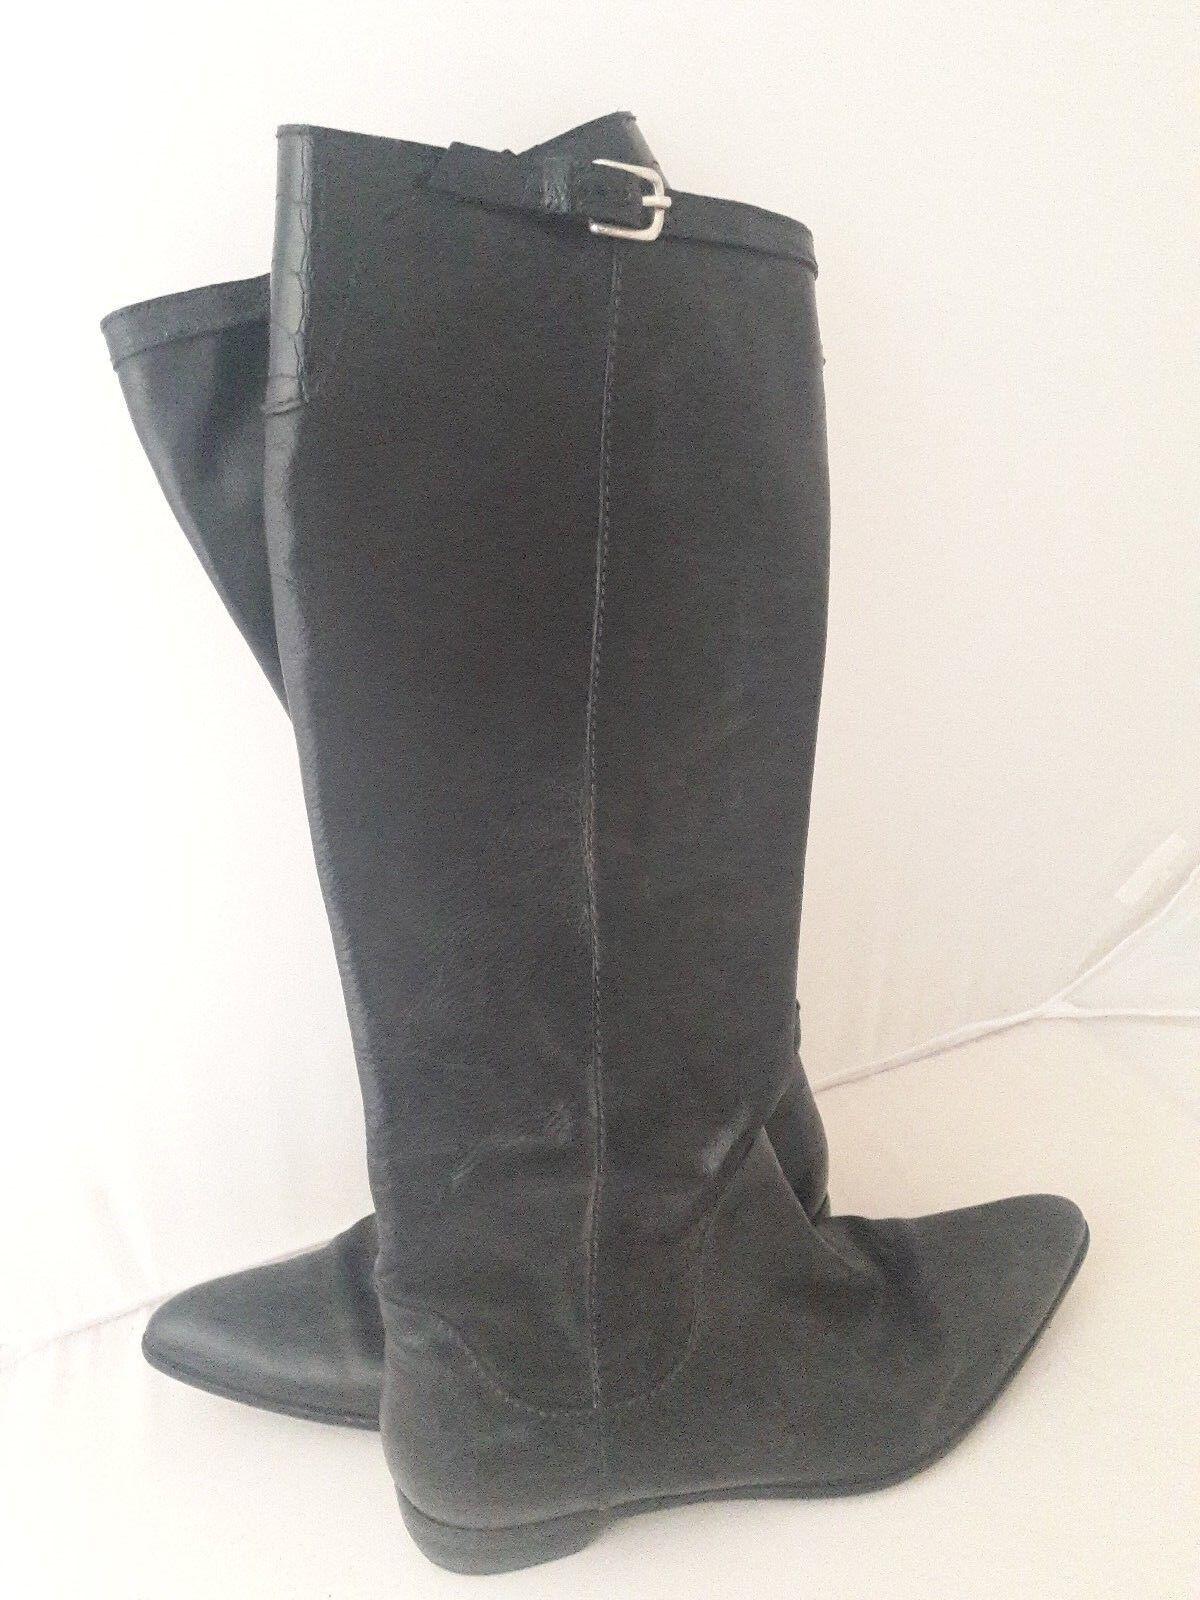 Auth Henry Beguelin Rodilla botas en Cuero Negro Tamaño 37